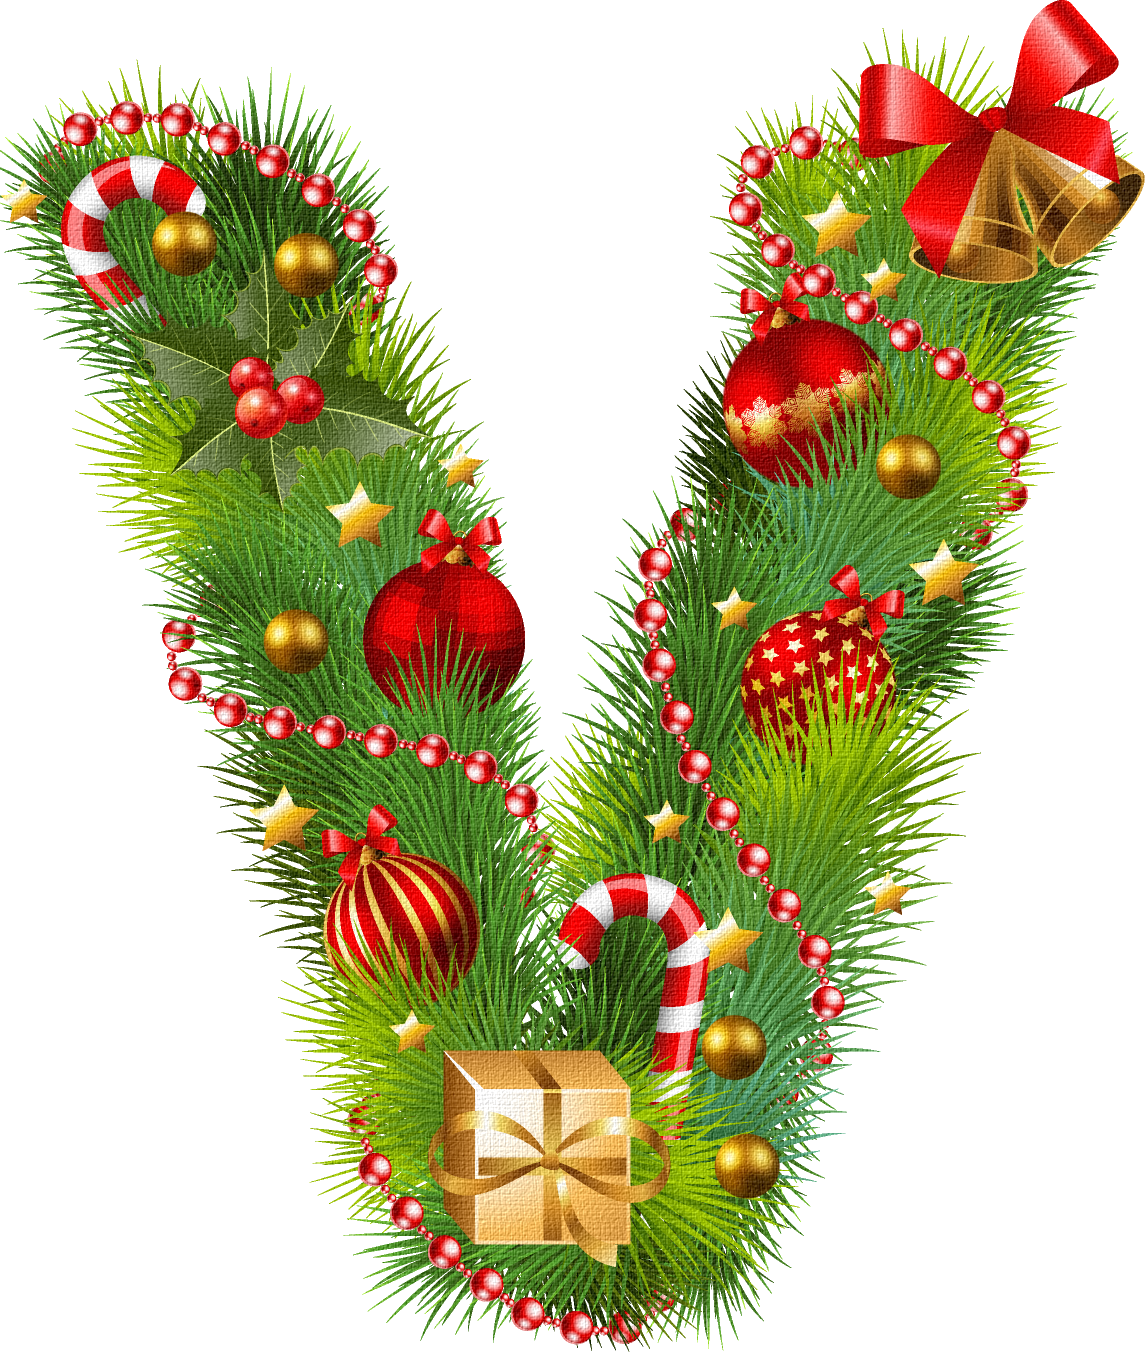 Yeni Il Hərfləri 2017 Christmas Wreaths Holiday Decor Lettering